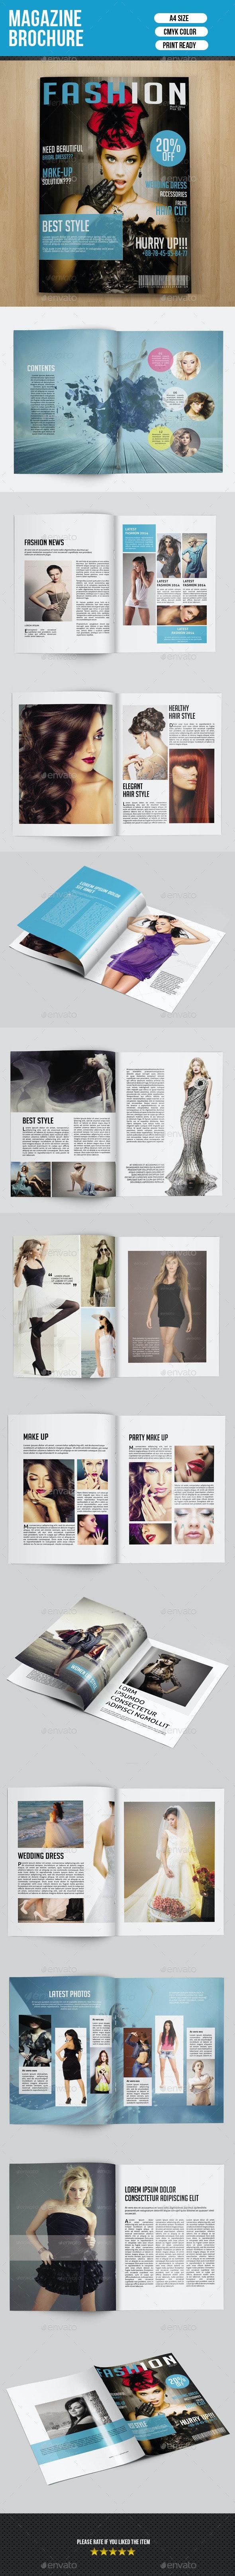 Fashion Magazine Template-V02 - Magazines Print Templates